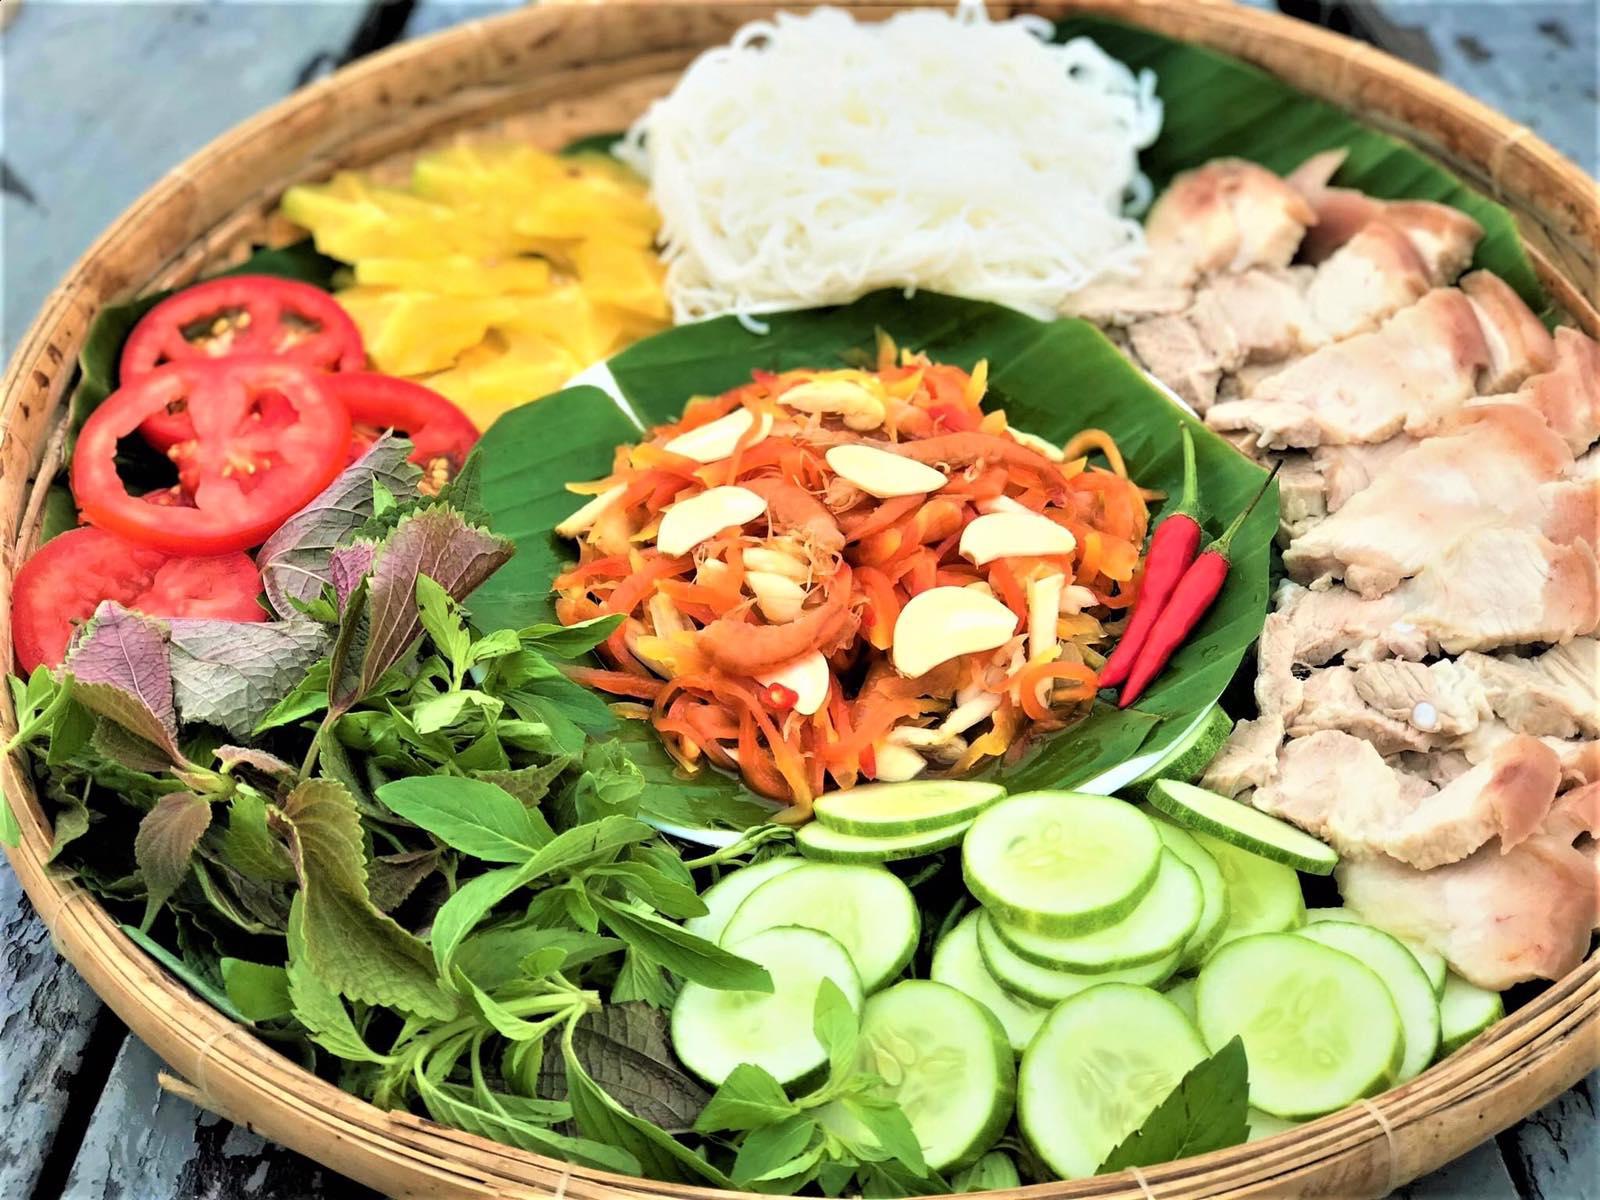 Saigon riverside restaurants_Saigon riverside restaurants_mekong quan